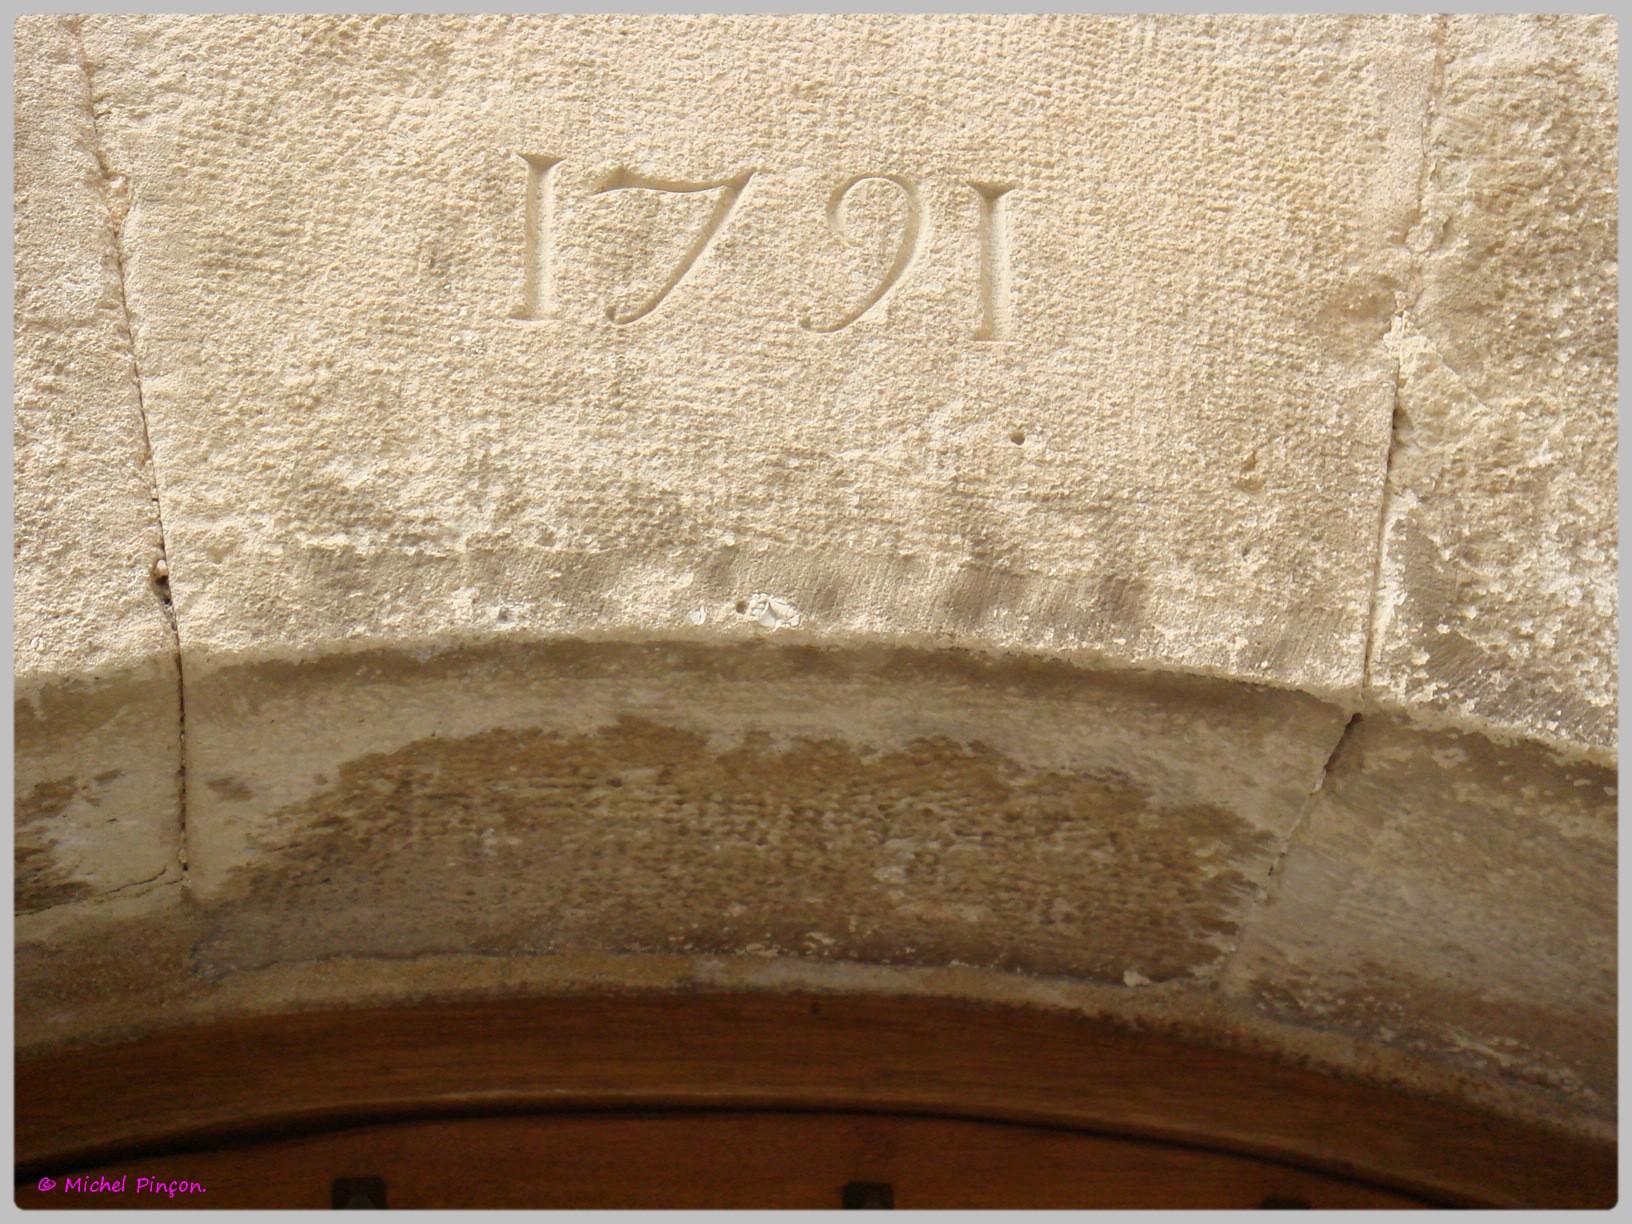 Fil ouvert-  Dates sur façades. Année 1602 par Fanch 56, dépassée par 1399 - 1400 de Jocelyn - Page 3 525192DSC012091